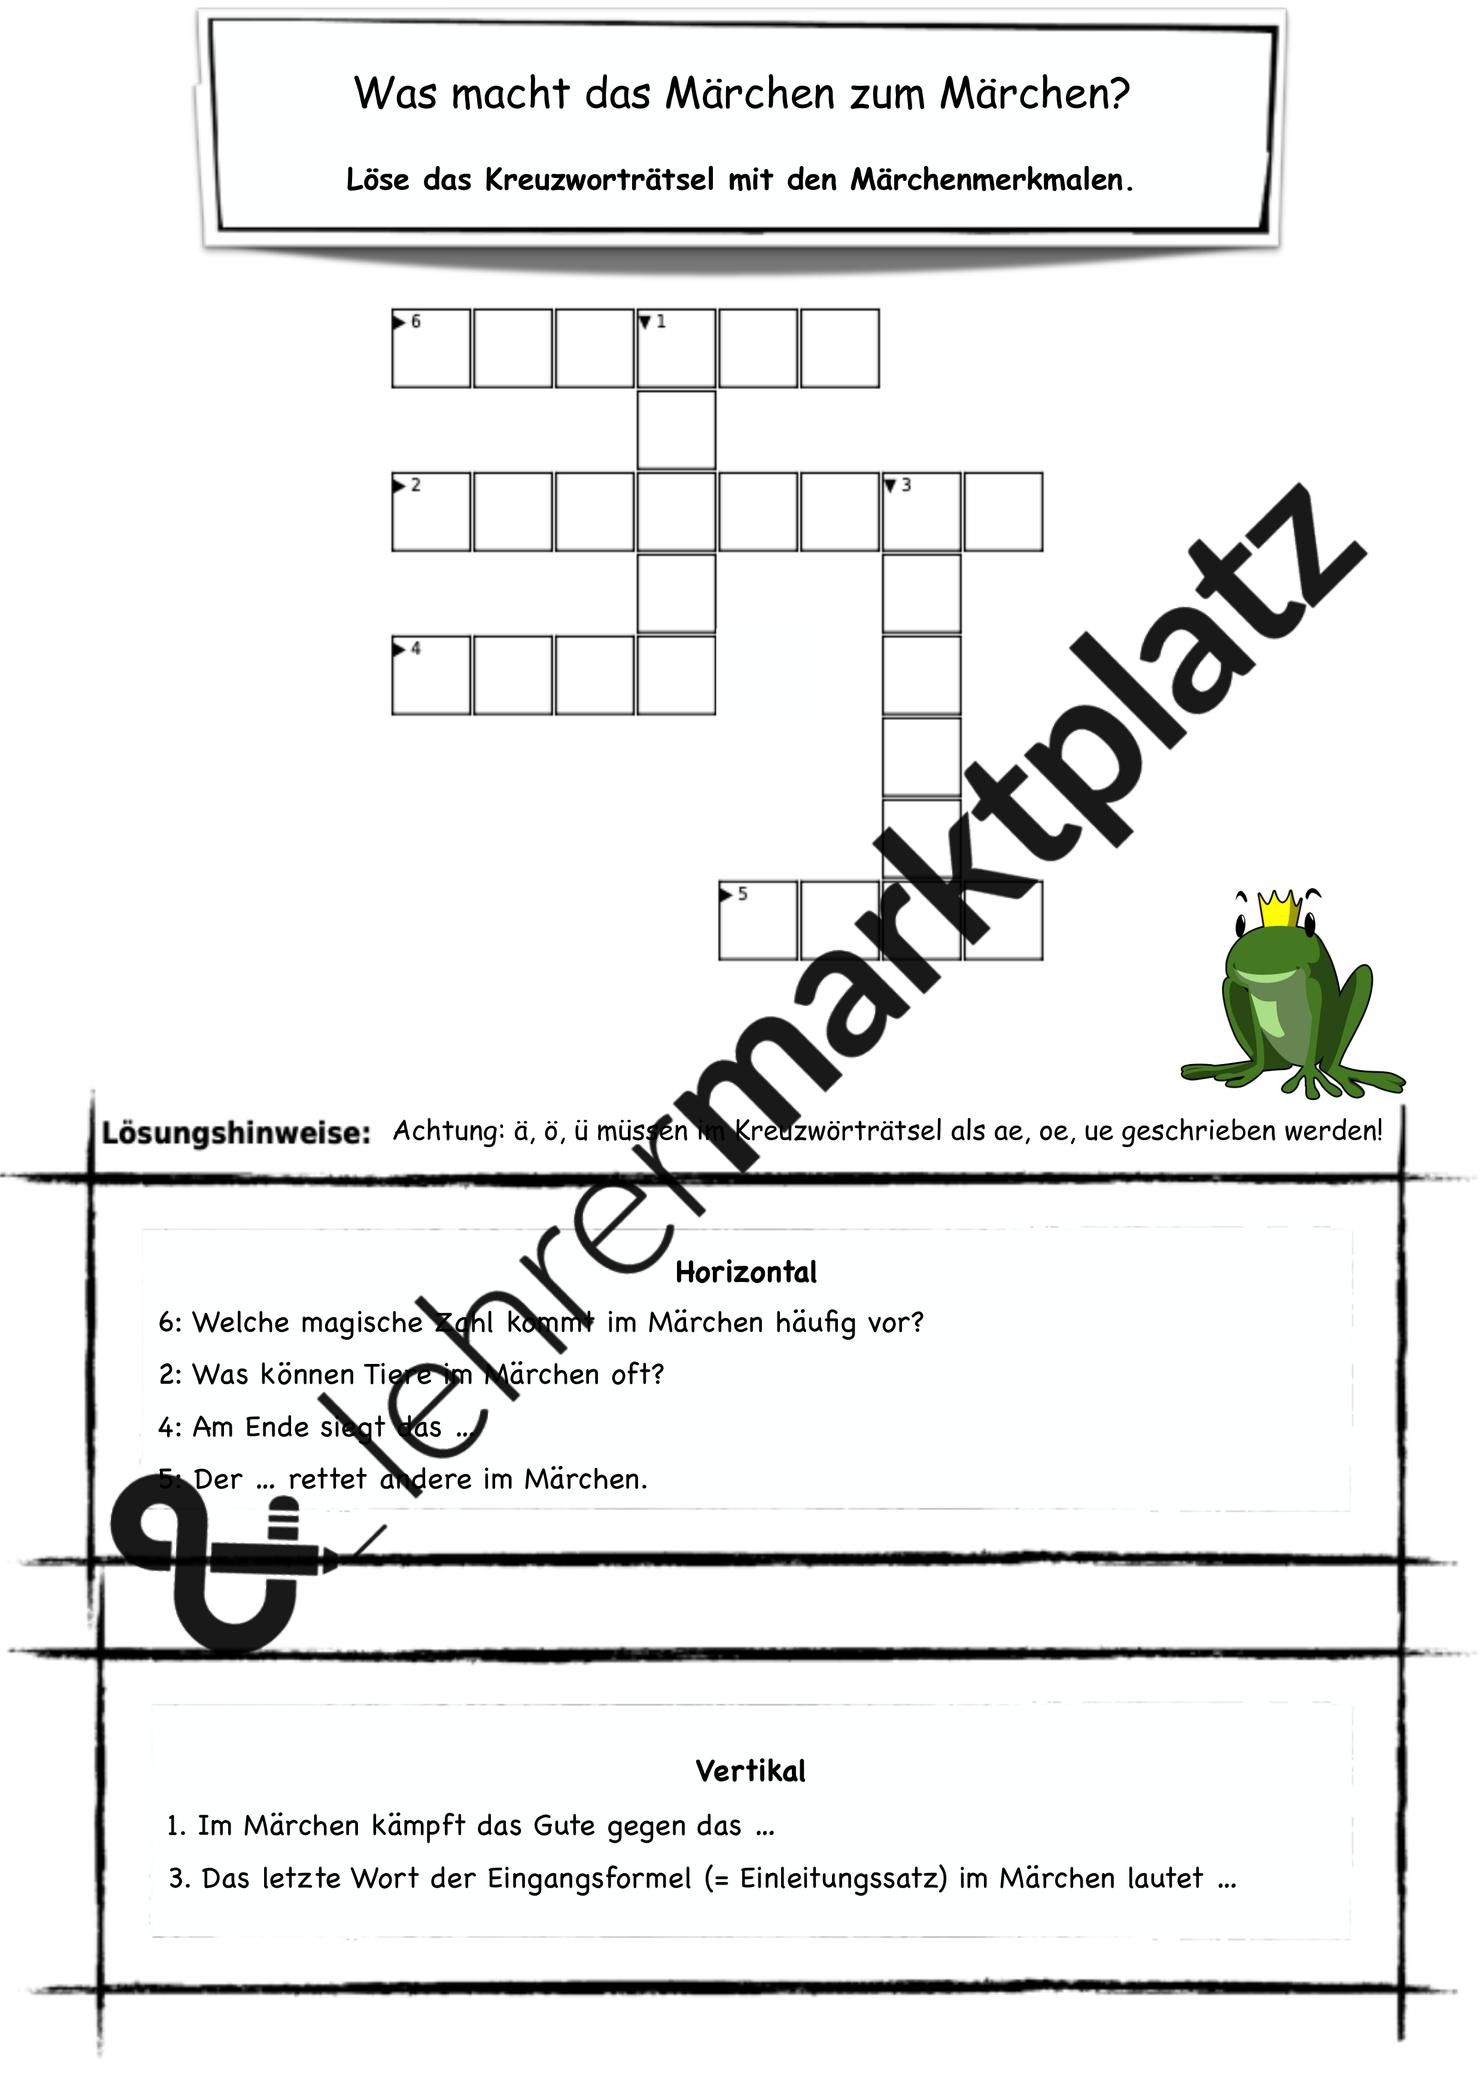 Ratsel Marchenmerkmale Unterrichtsmaterial Im Fach Deutsch In 2020 Unterrichtsmaterial Zusammenfassung Kreuzwortratsel